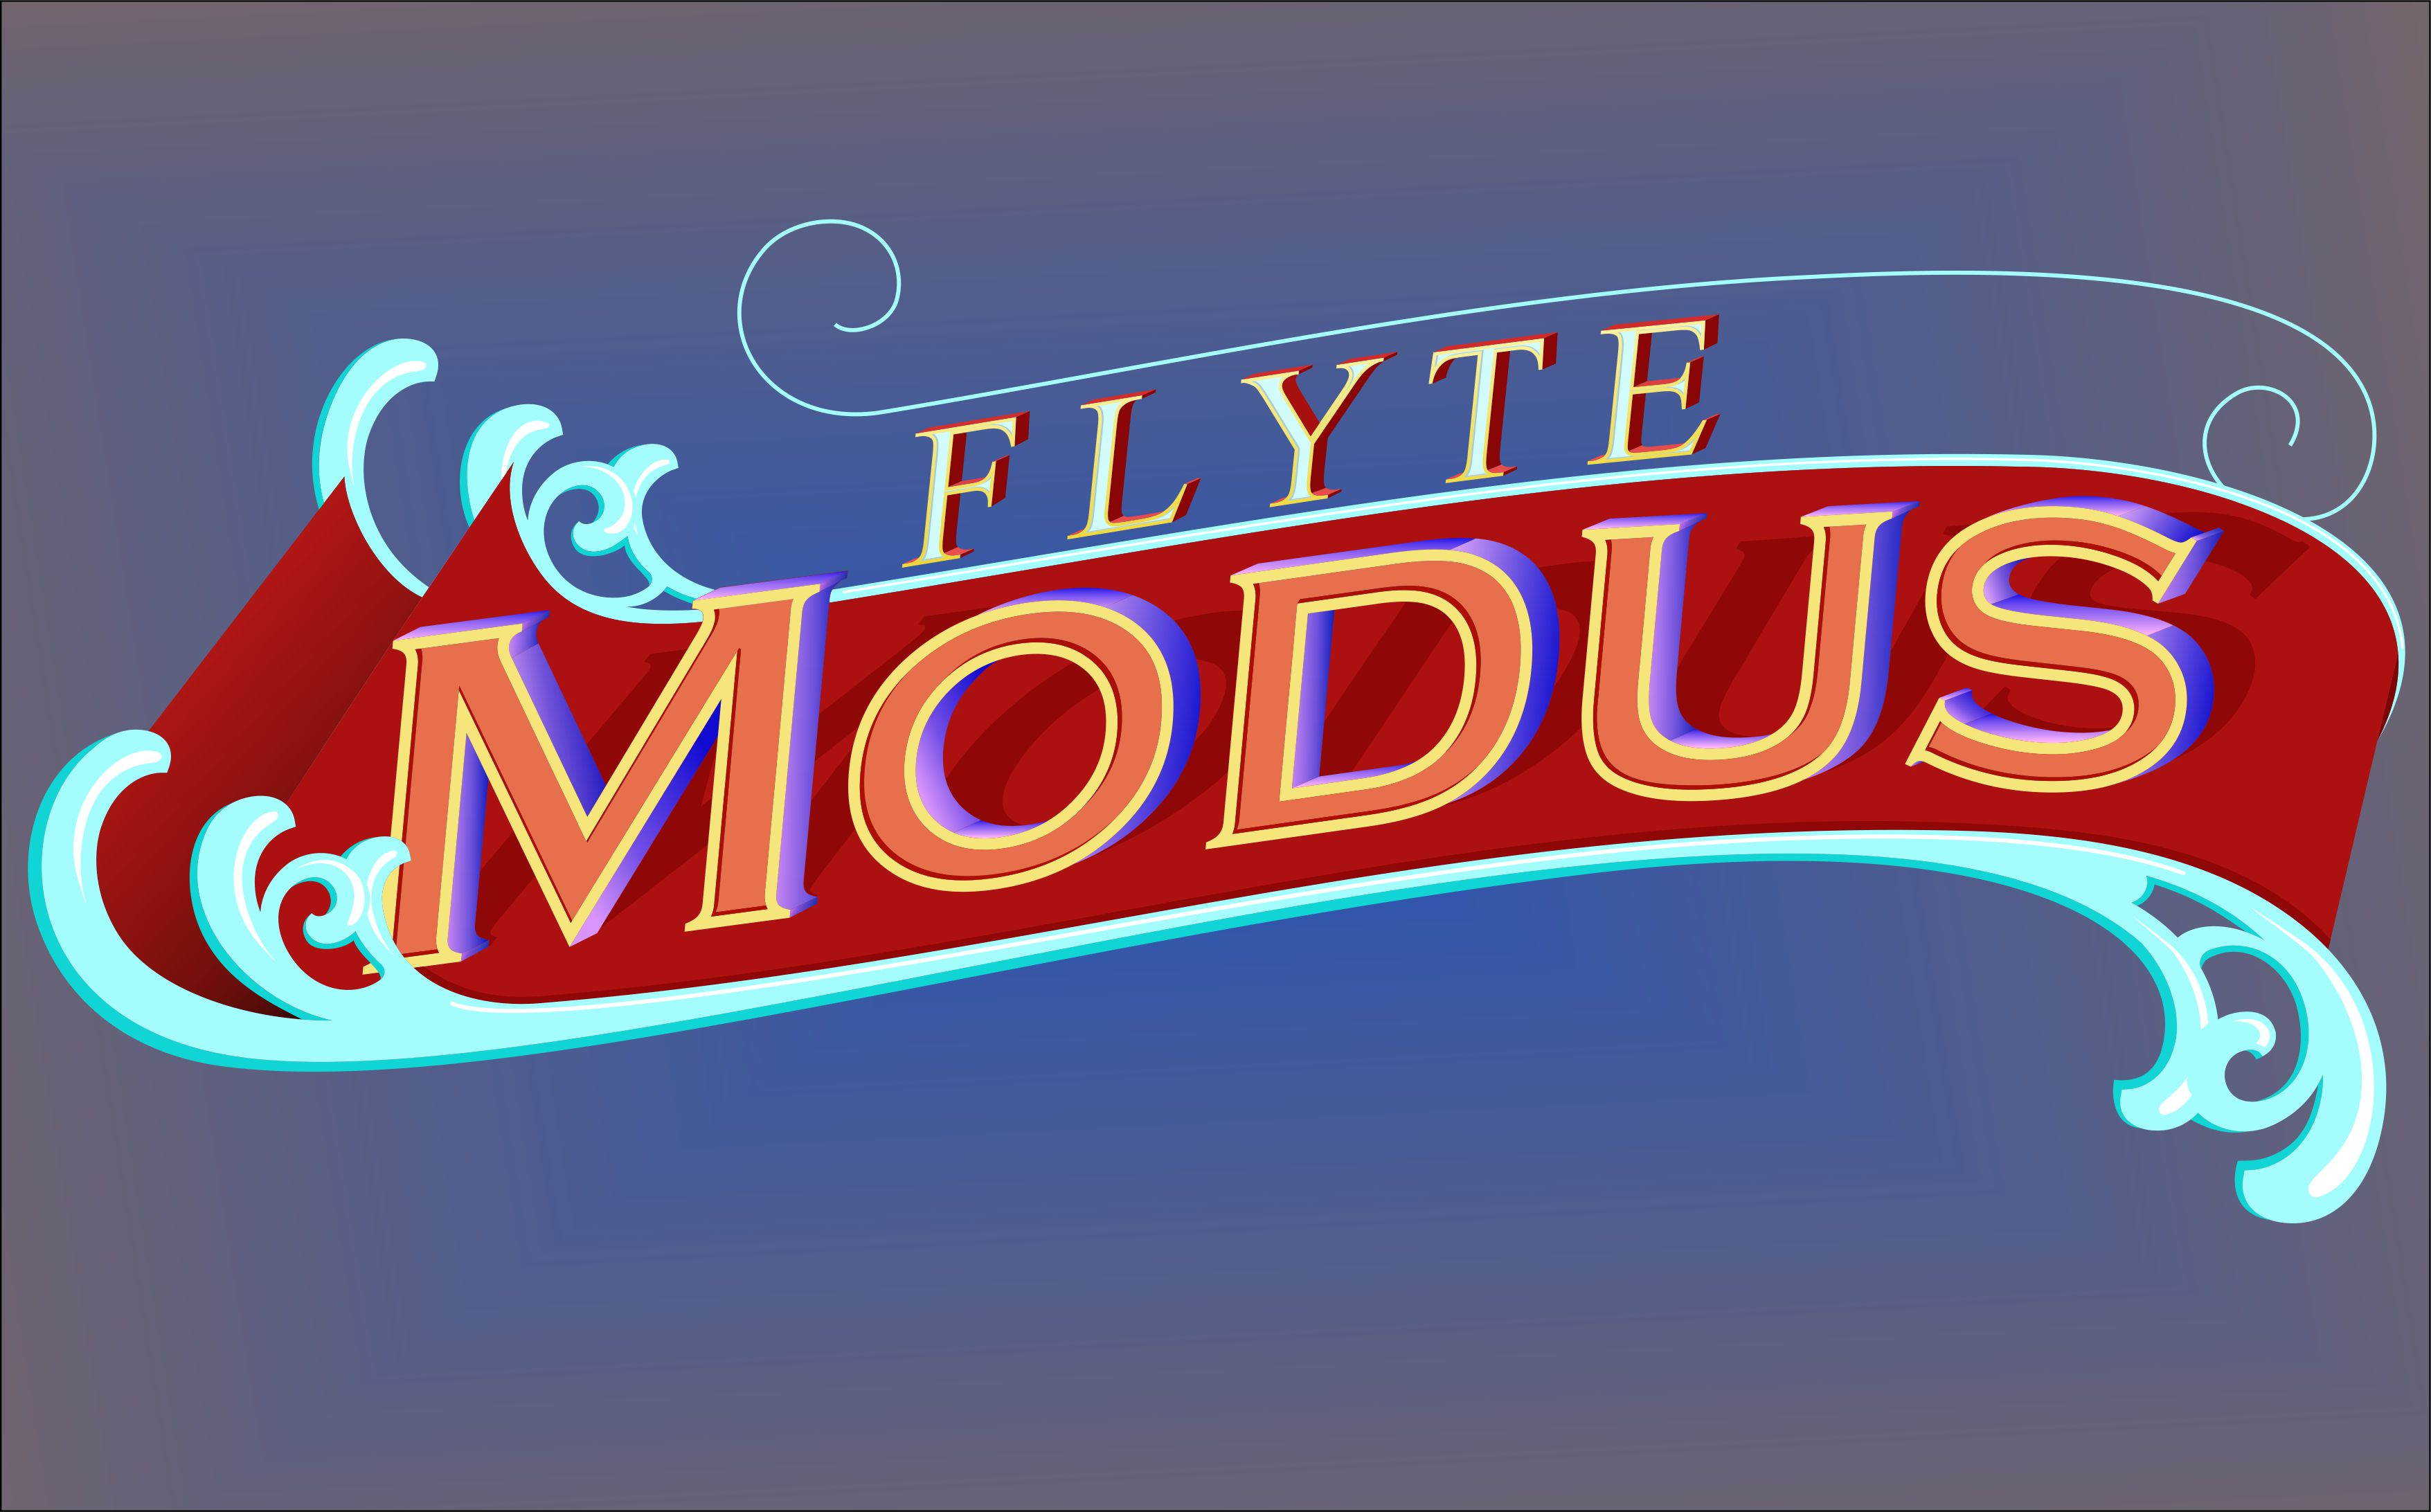 Flytemodus logo